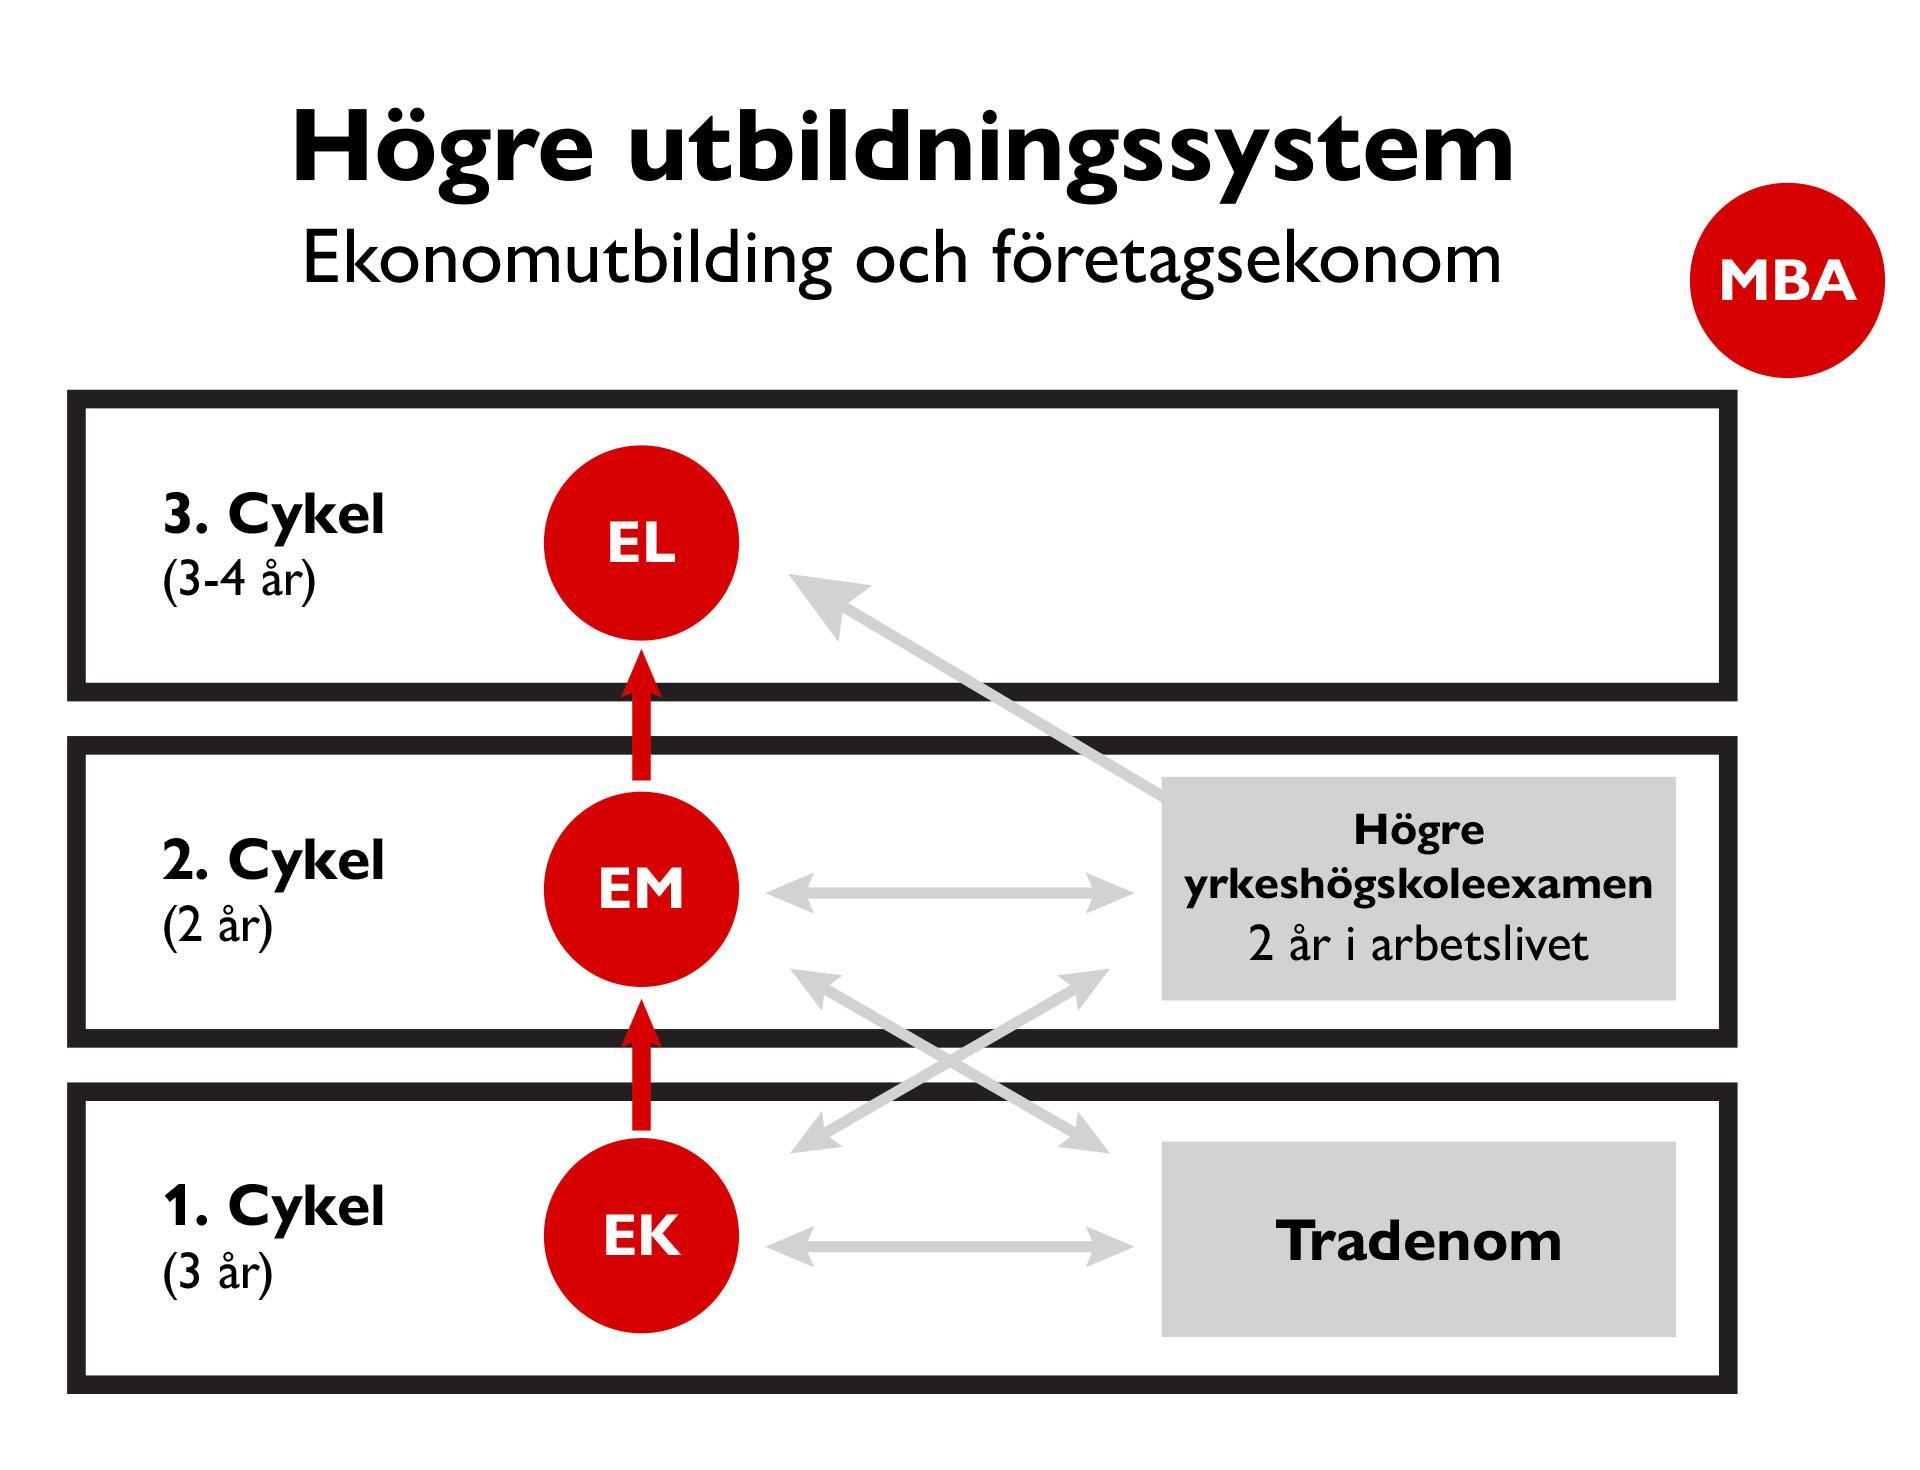 Högre utbildningssystem